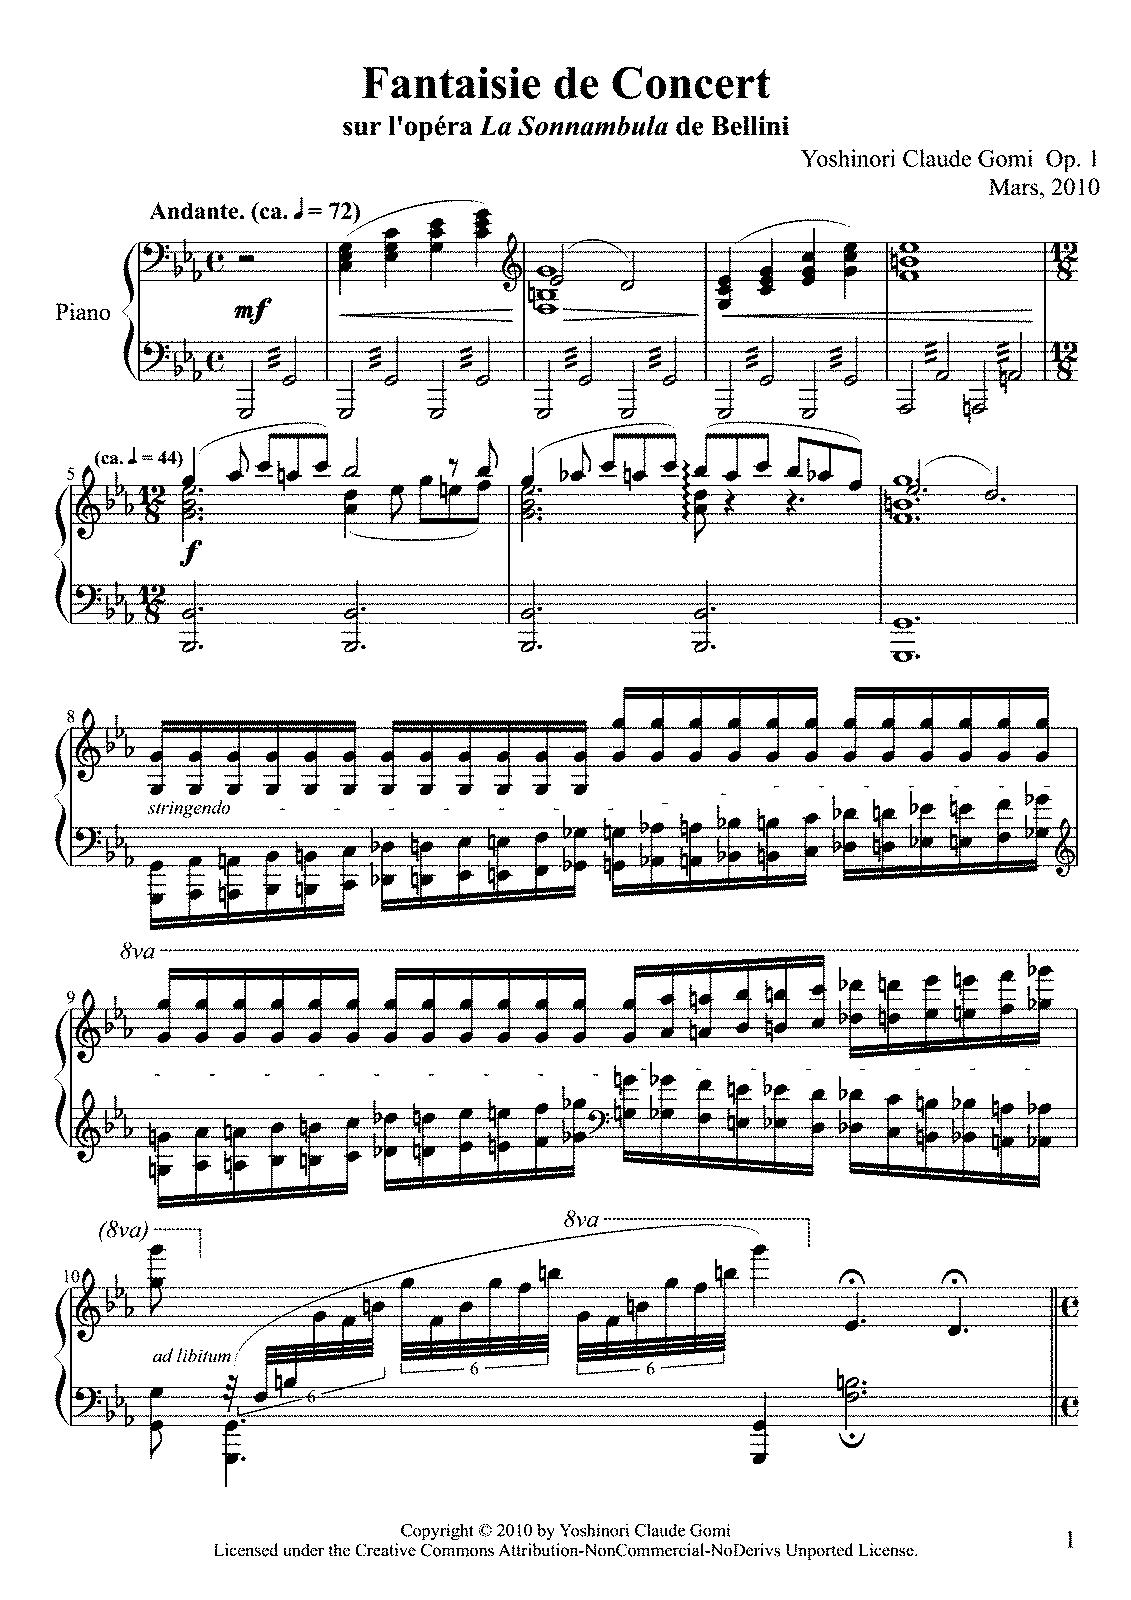 Fantaisie de Concert sur l'opéra 'La Sonnambula', Op 1 (Gomi